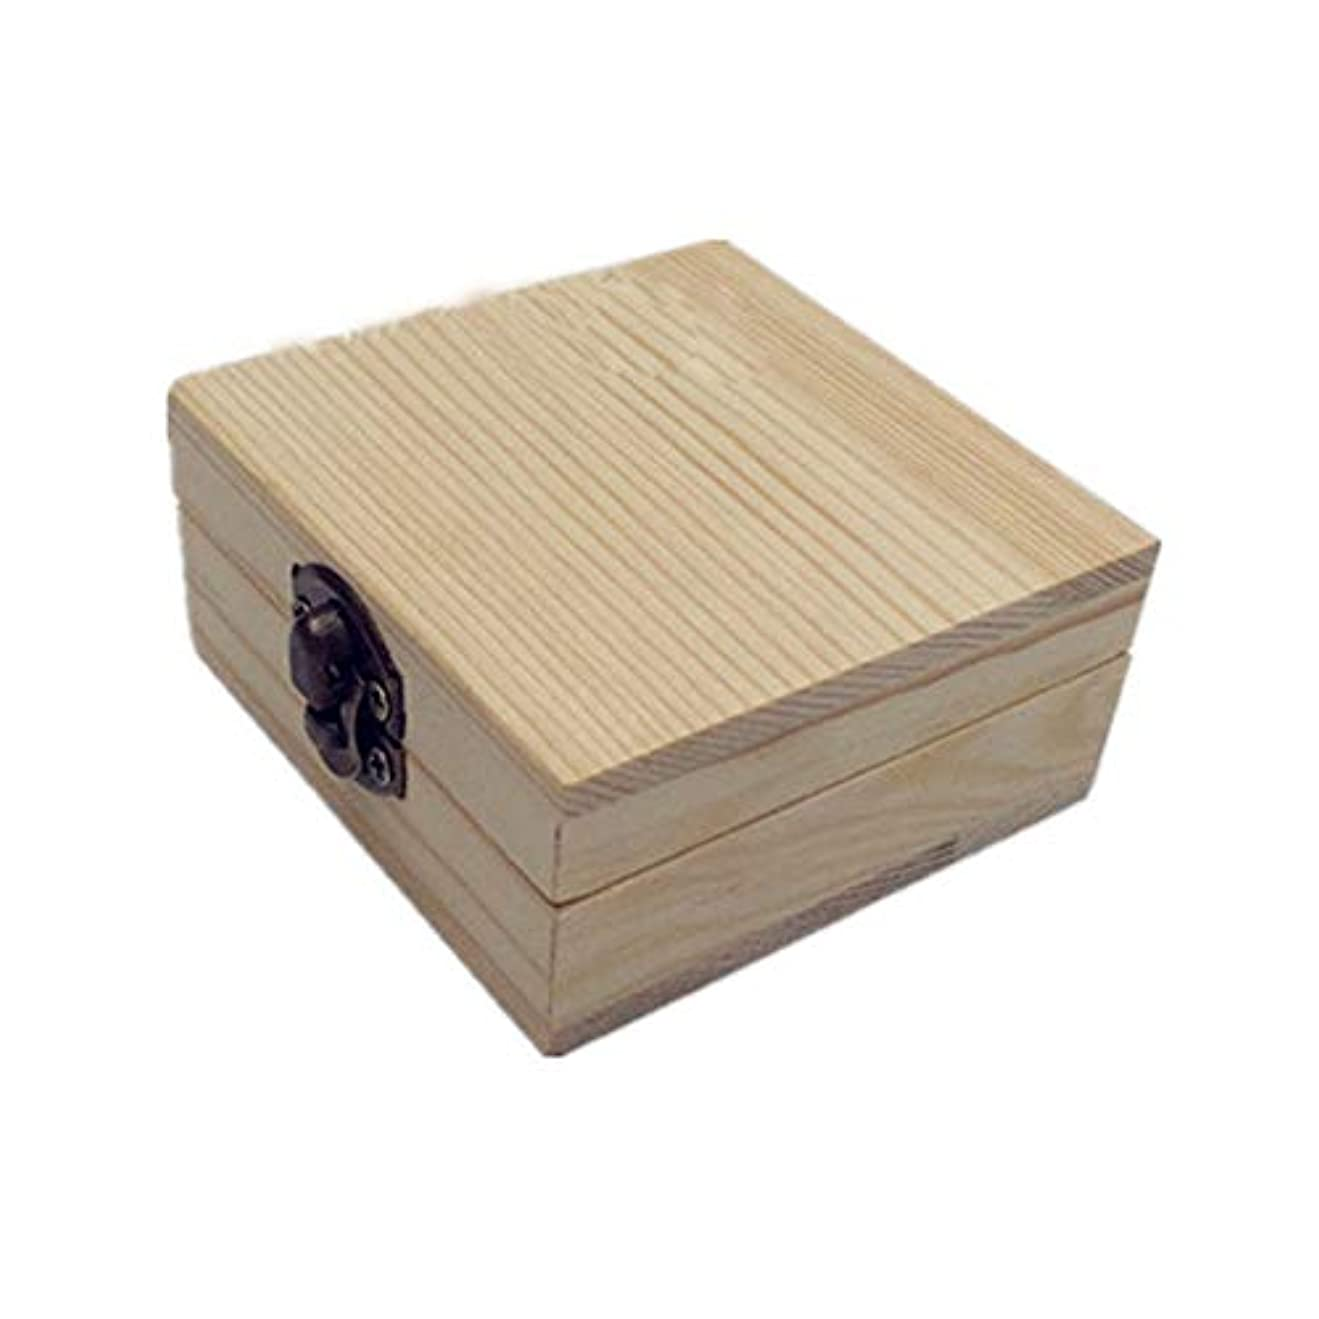 優先食用弁護士エッセンシャルオイルストレージボックス 木製のエッセンシャルオイルボックスパーフェクトエッセンシャルオイルケースはエッセンシャル2本のボトル用保持します 旅行およびプレゼンテーション用 (色 : Natural, サイズ...